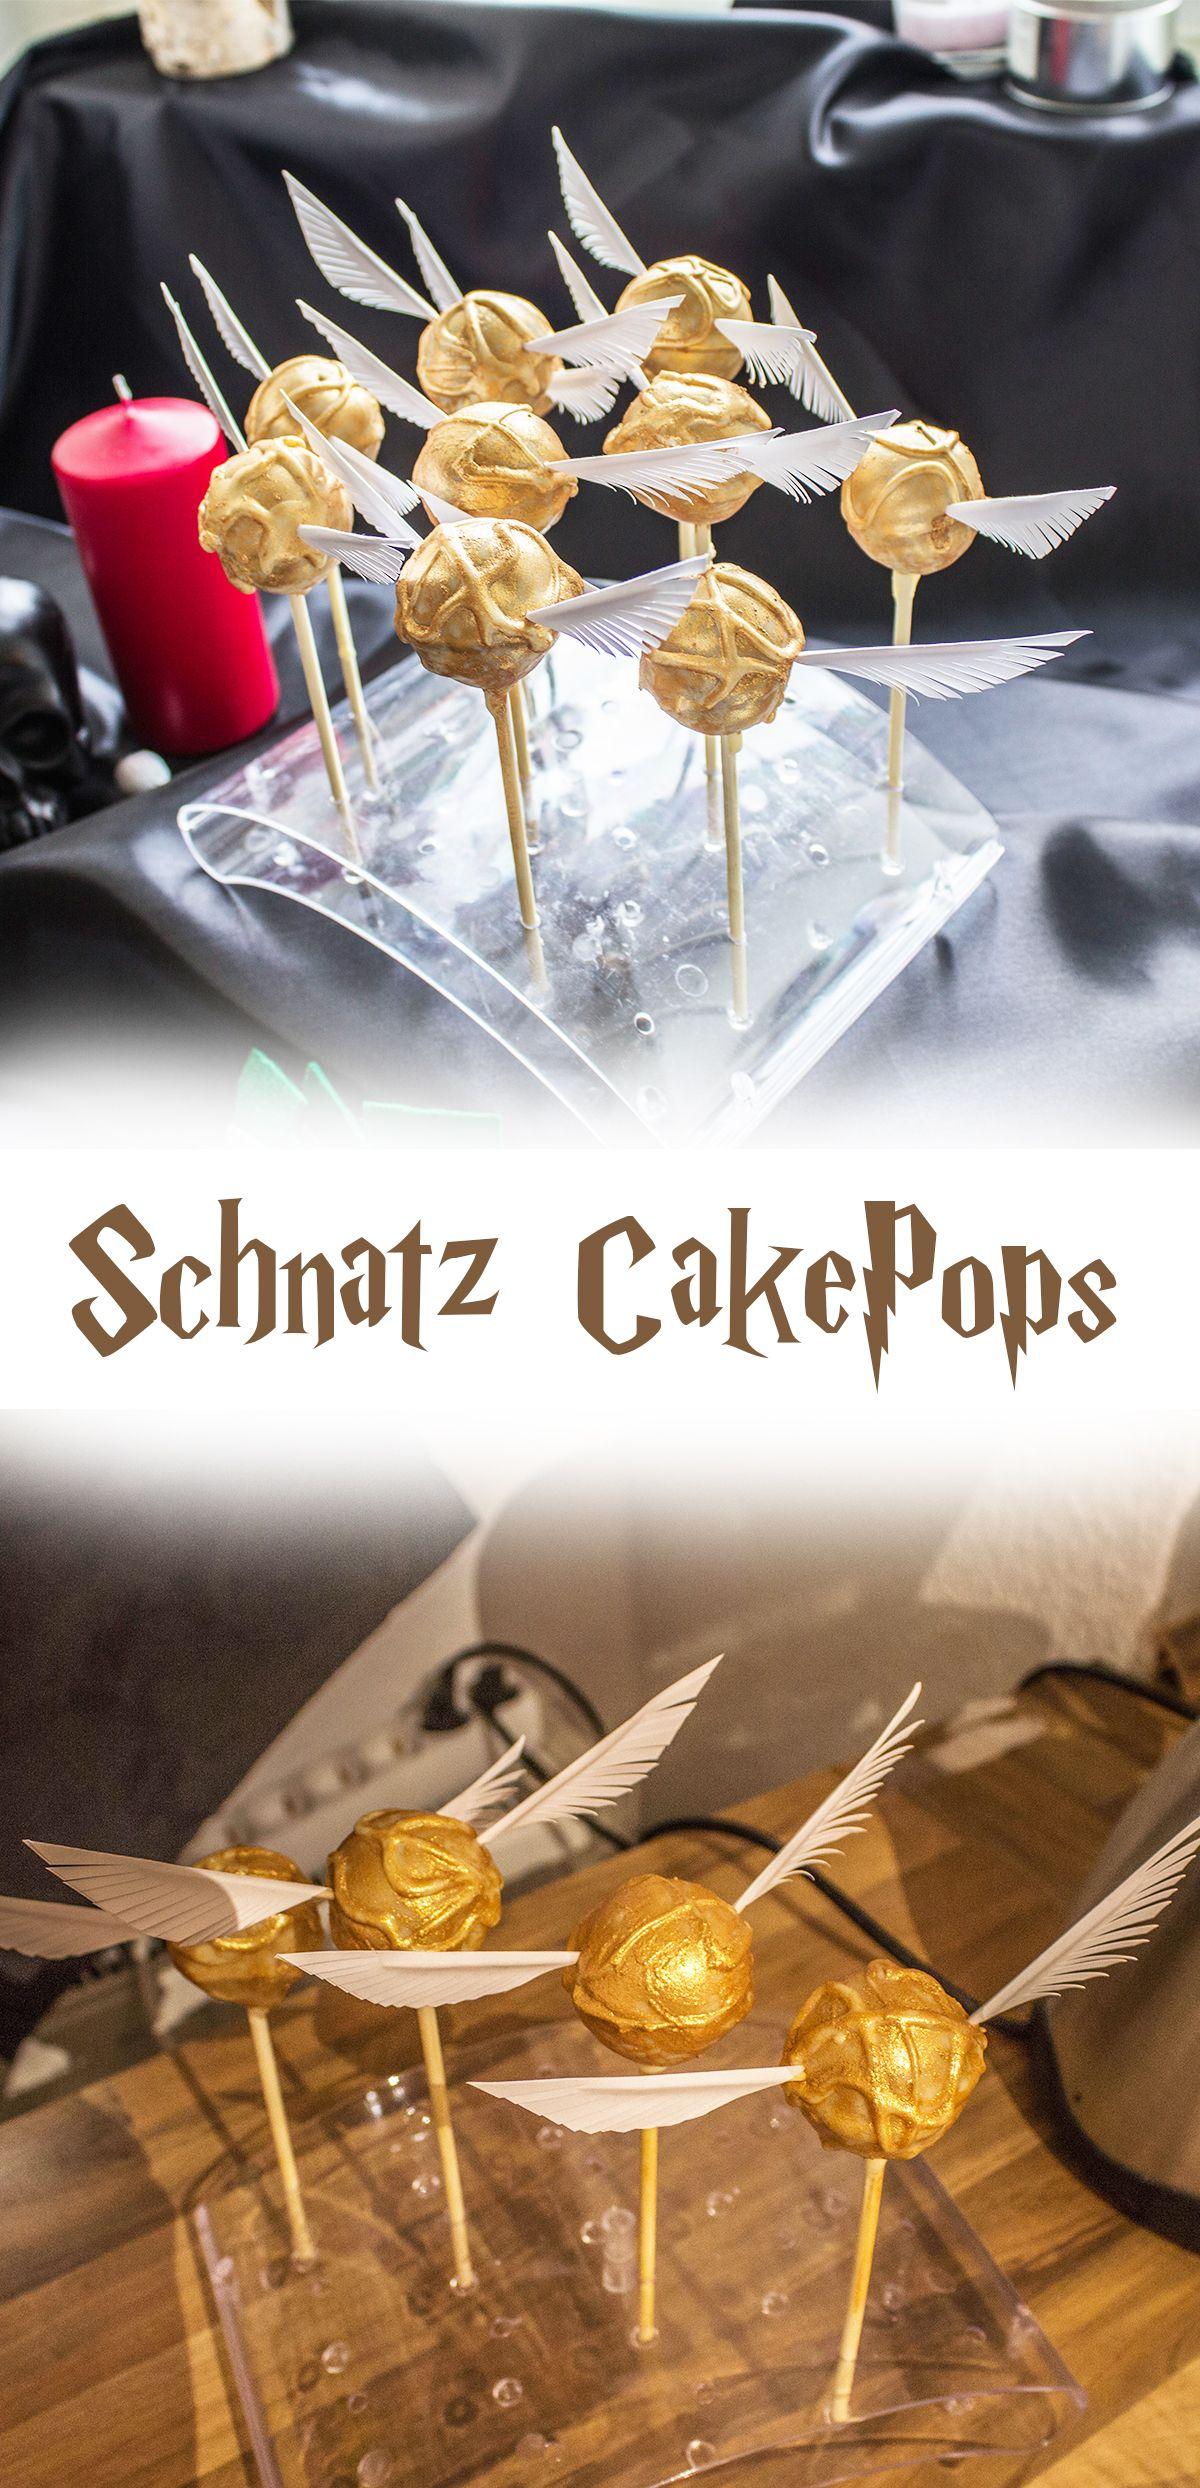 Mein Rezept für Schnatz Cake-Pops. Der RENNER für jede Harry Potter Party und ein absoluter Hingucker. Diese kleinen Kuchen sind köstlich, relativ einfach zu machen und sehen edel aus.